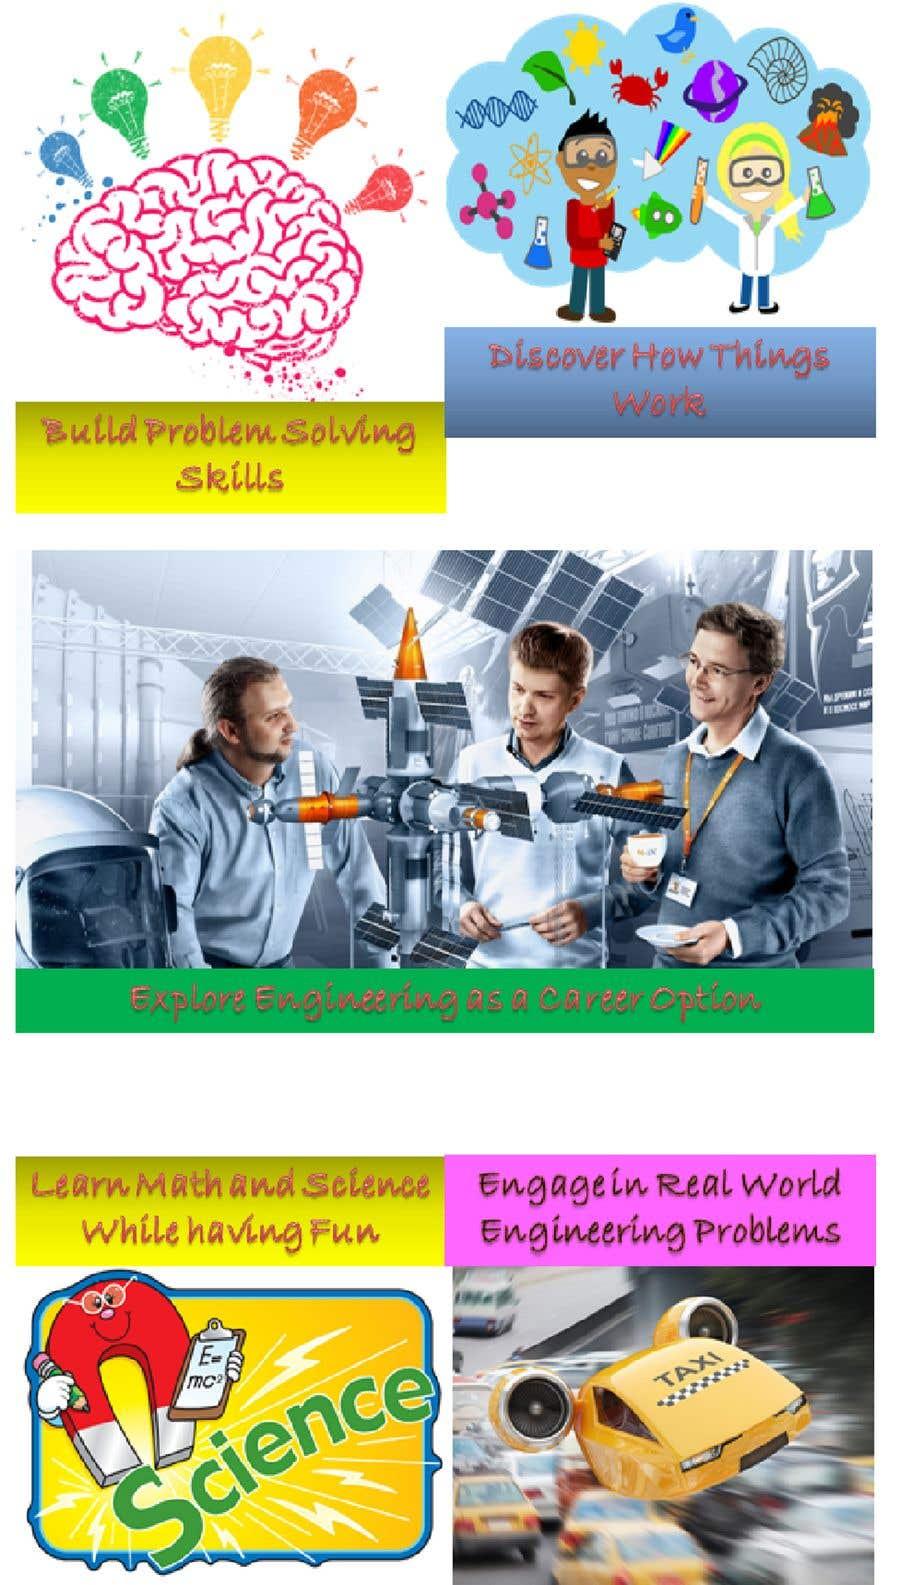 Konkurrenceindlæg #                                        14                                      for                                         design STEM images like attached